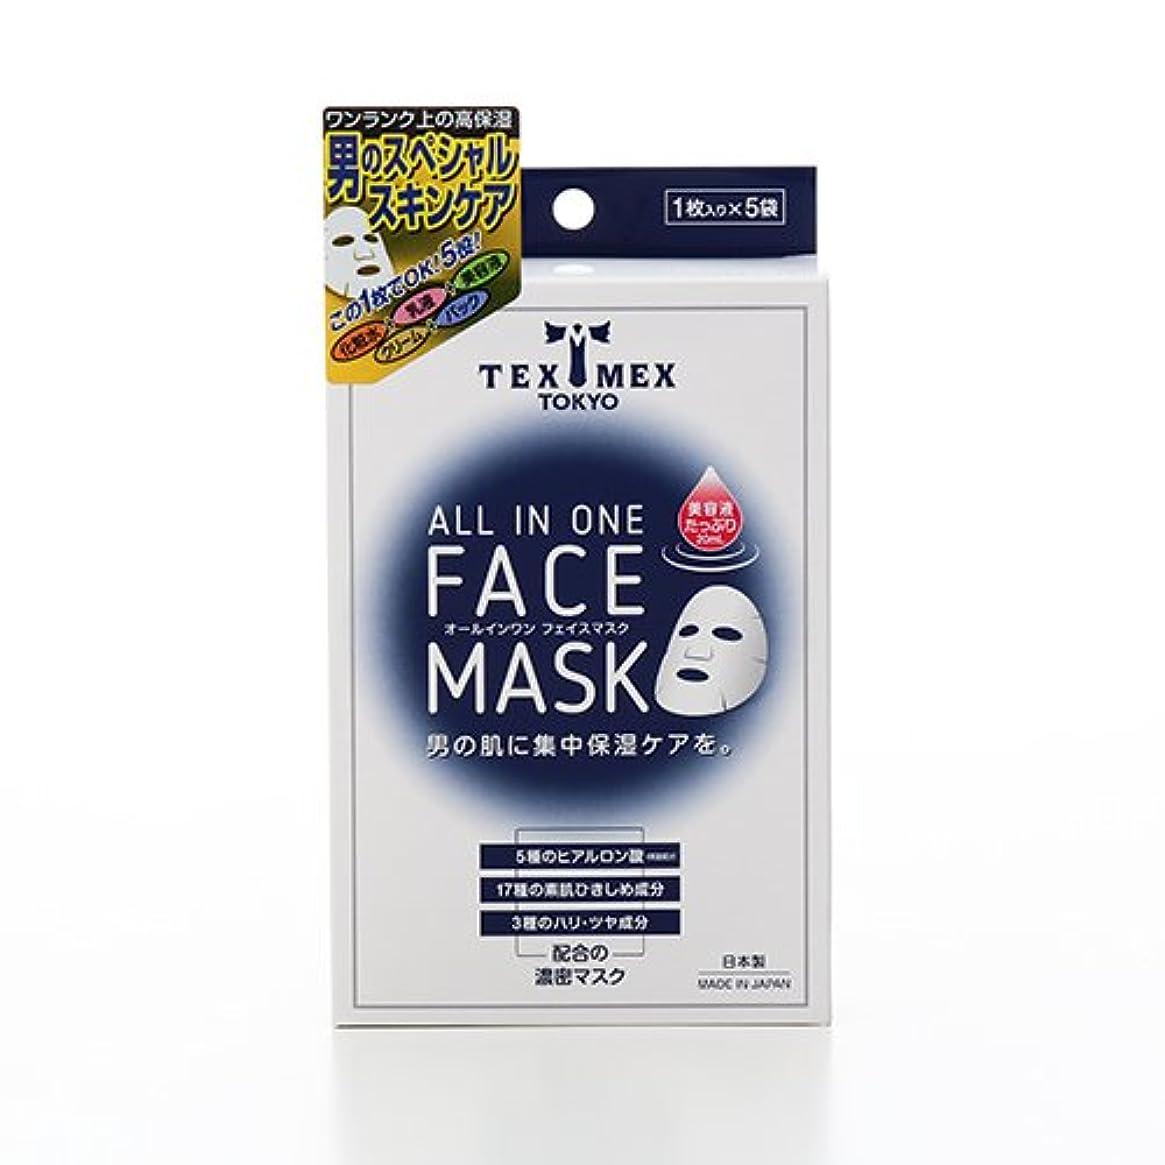 オーストラリア人台無しに海洋のテックスメックス オールインワンフェイスマスク 5袋入り 【シート状美容マスク】